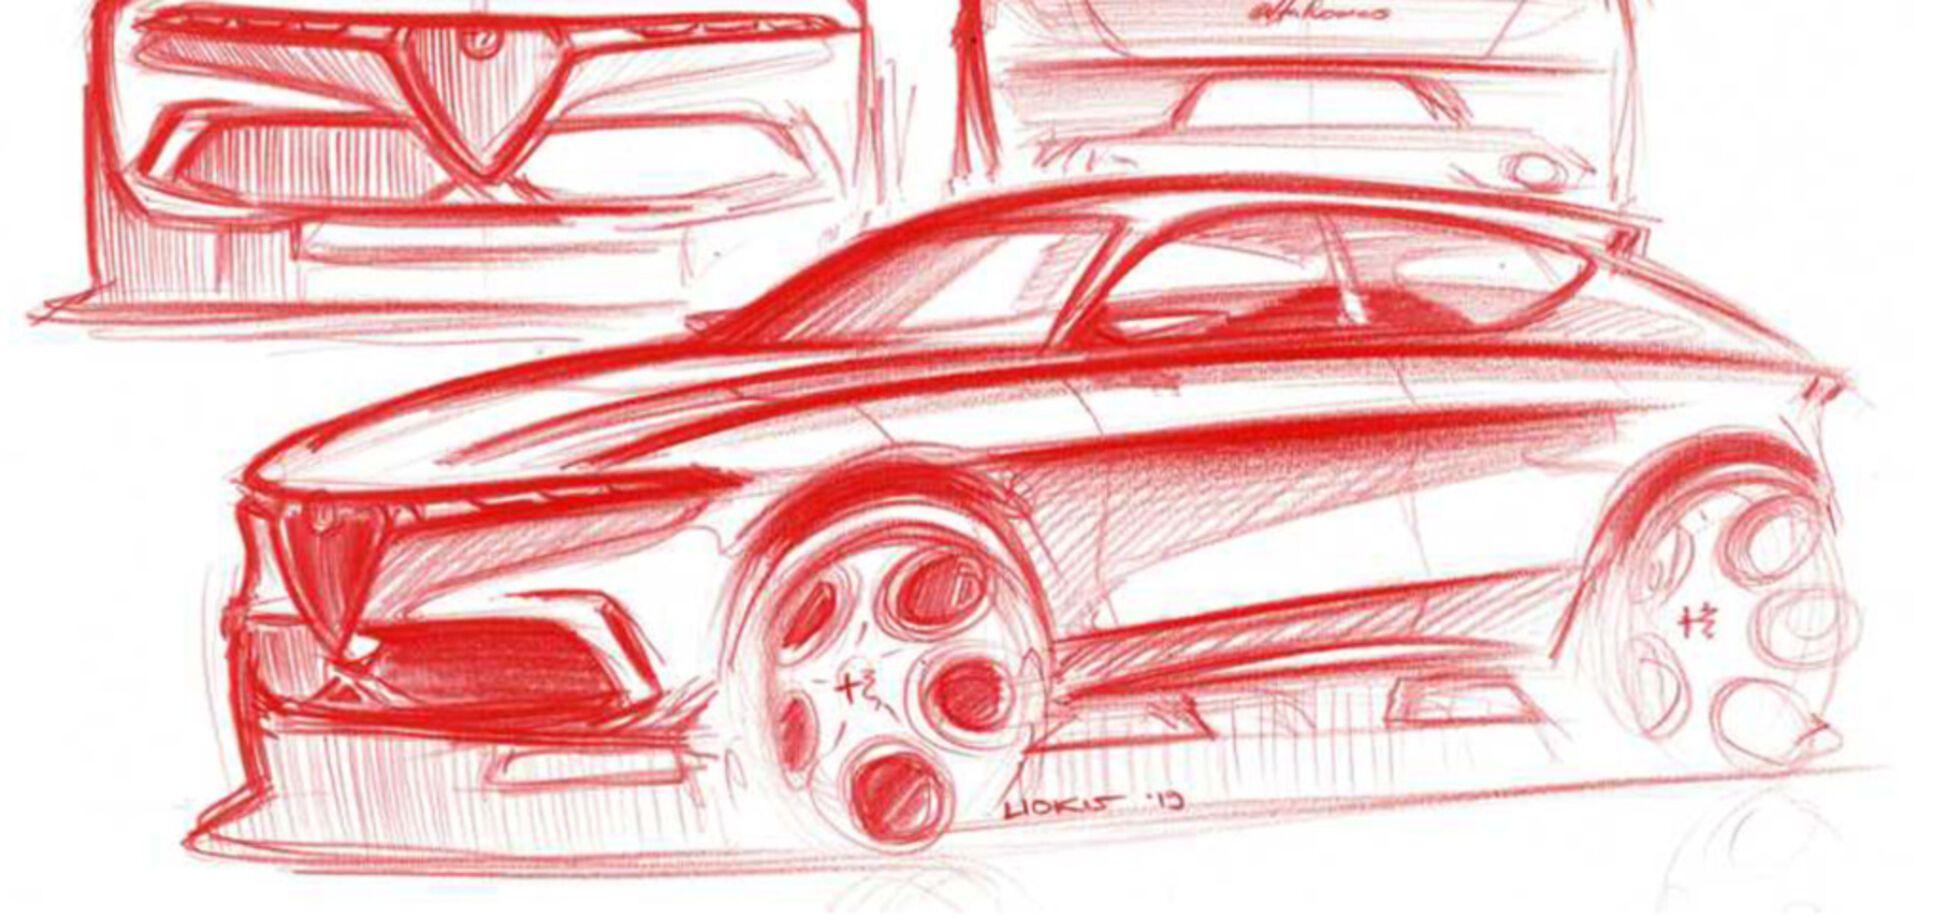 Електричний кросовер Alfa Romeo отримає платформу Peugeot